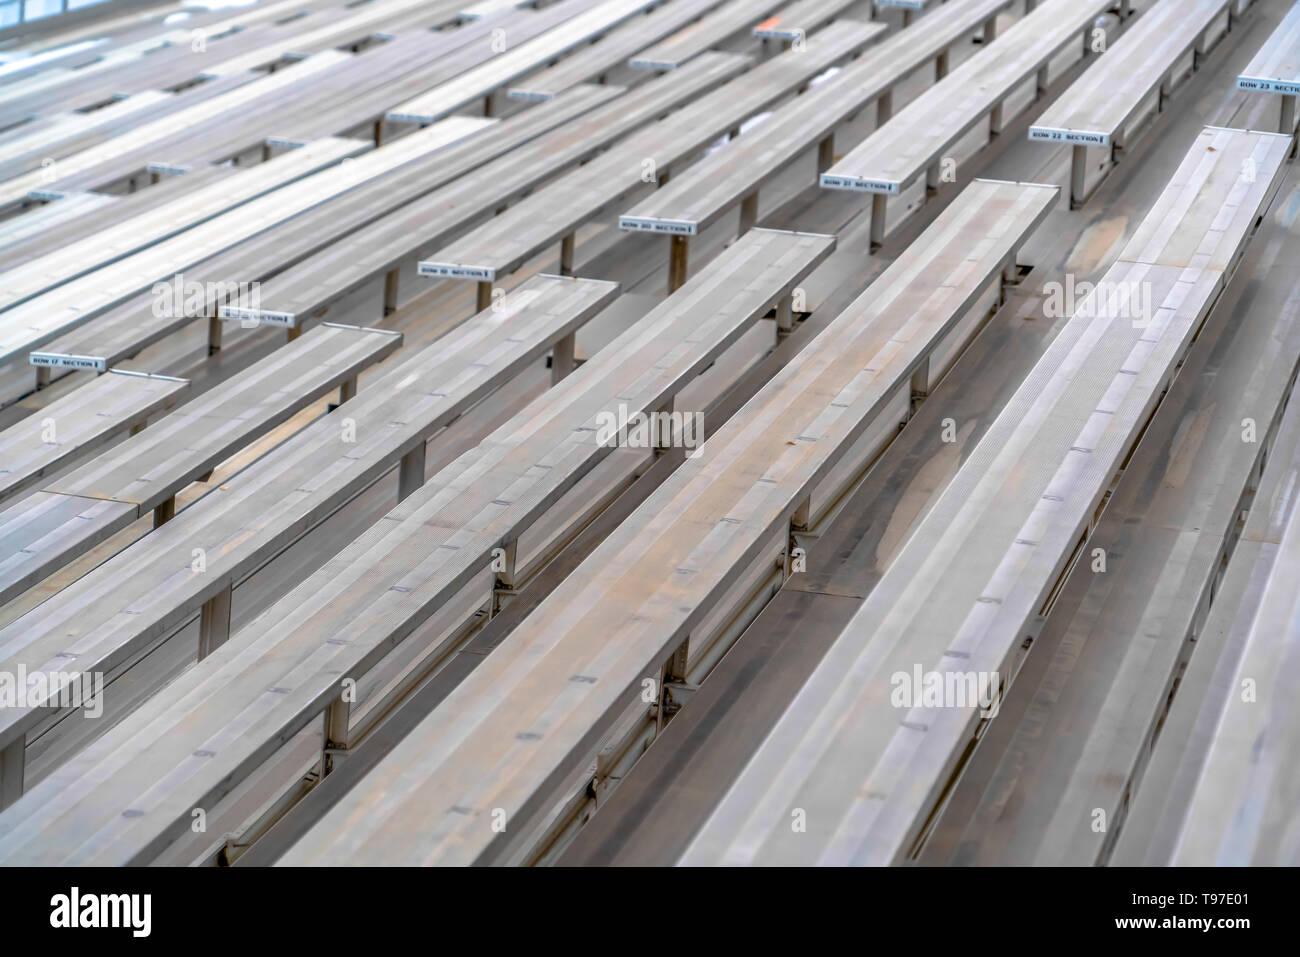 Cerca de tiered filas de bancos en un campo de deportes ver en un día soleado. Imagen De Stock